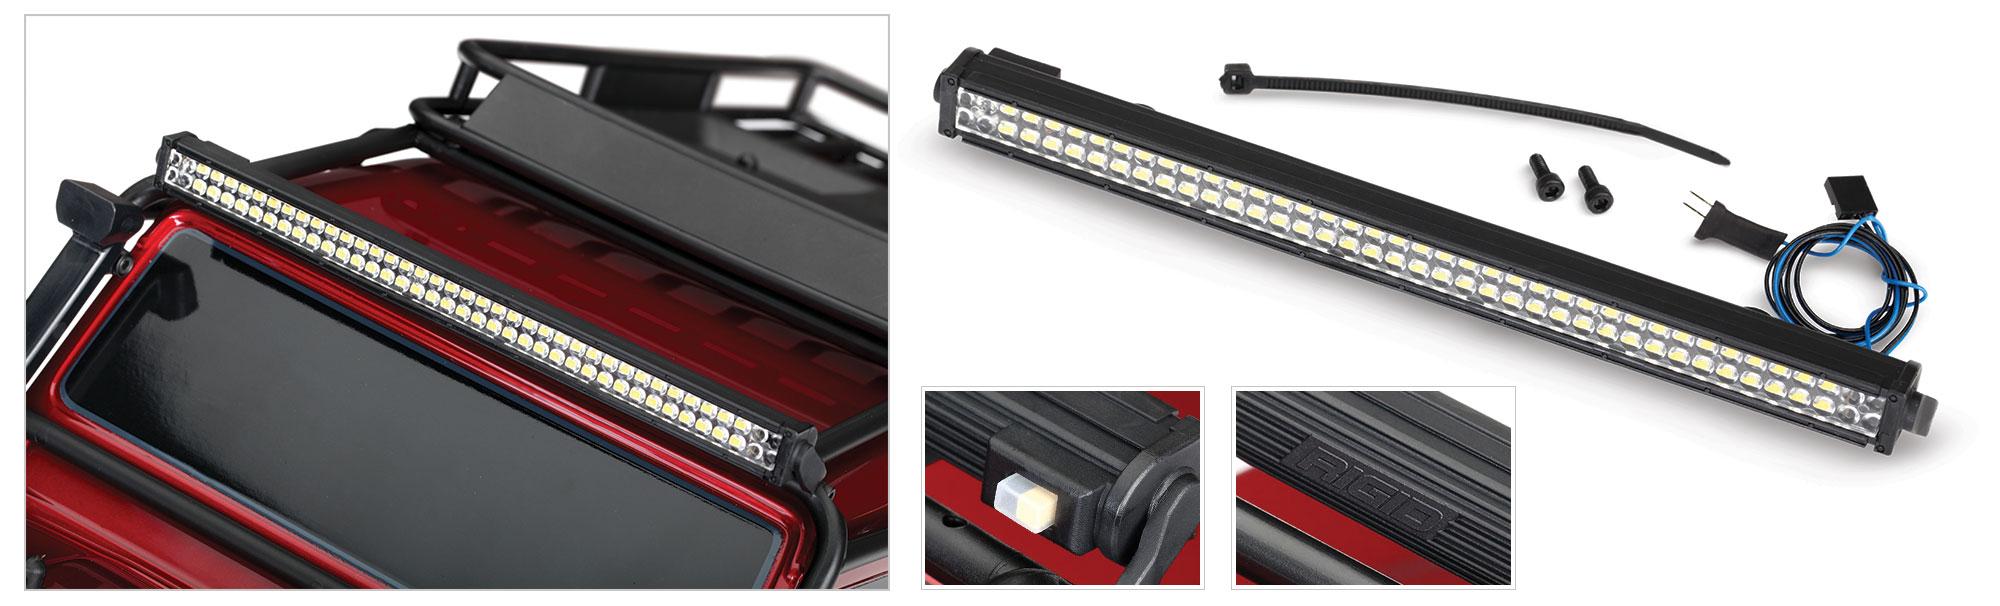 Bara LED Traxxas (Rigid®) pentru TRX-4 (necesita #8028 sursa de alimentare)